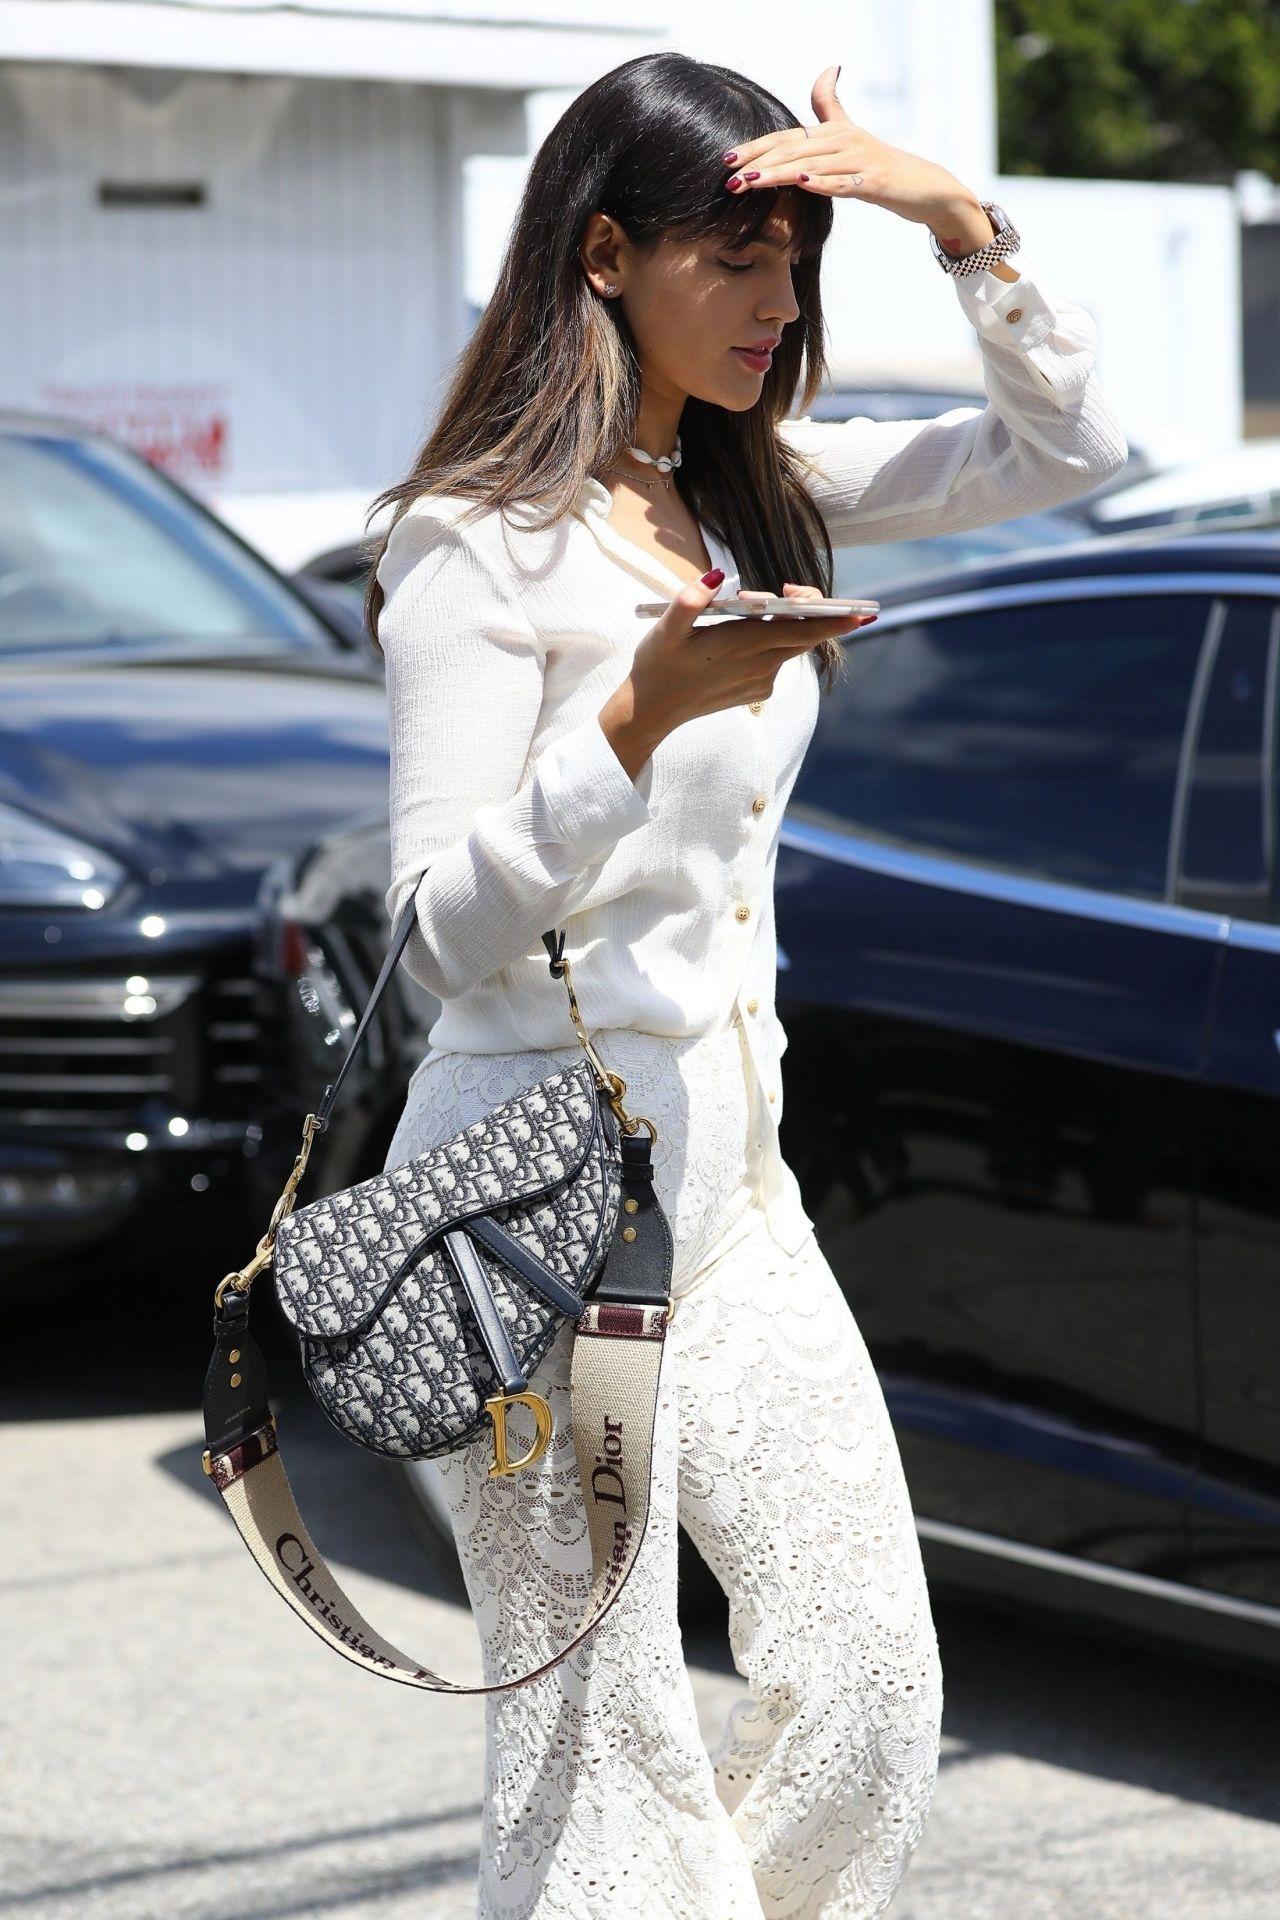 Eiza Gonzalez In All White Exiting A Hair Salon In La 04